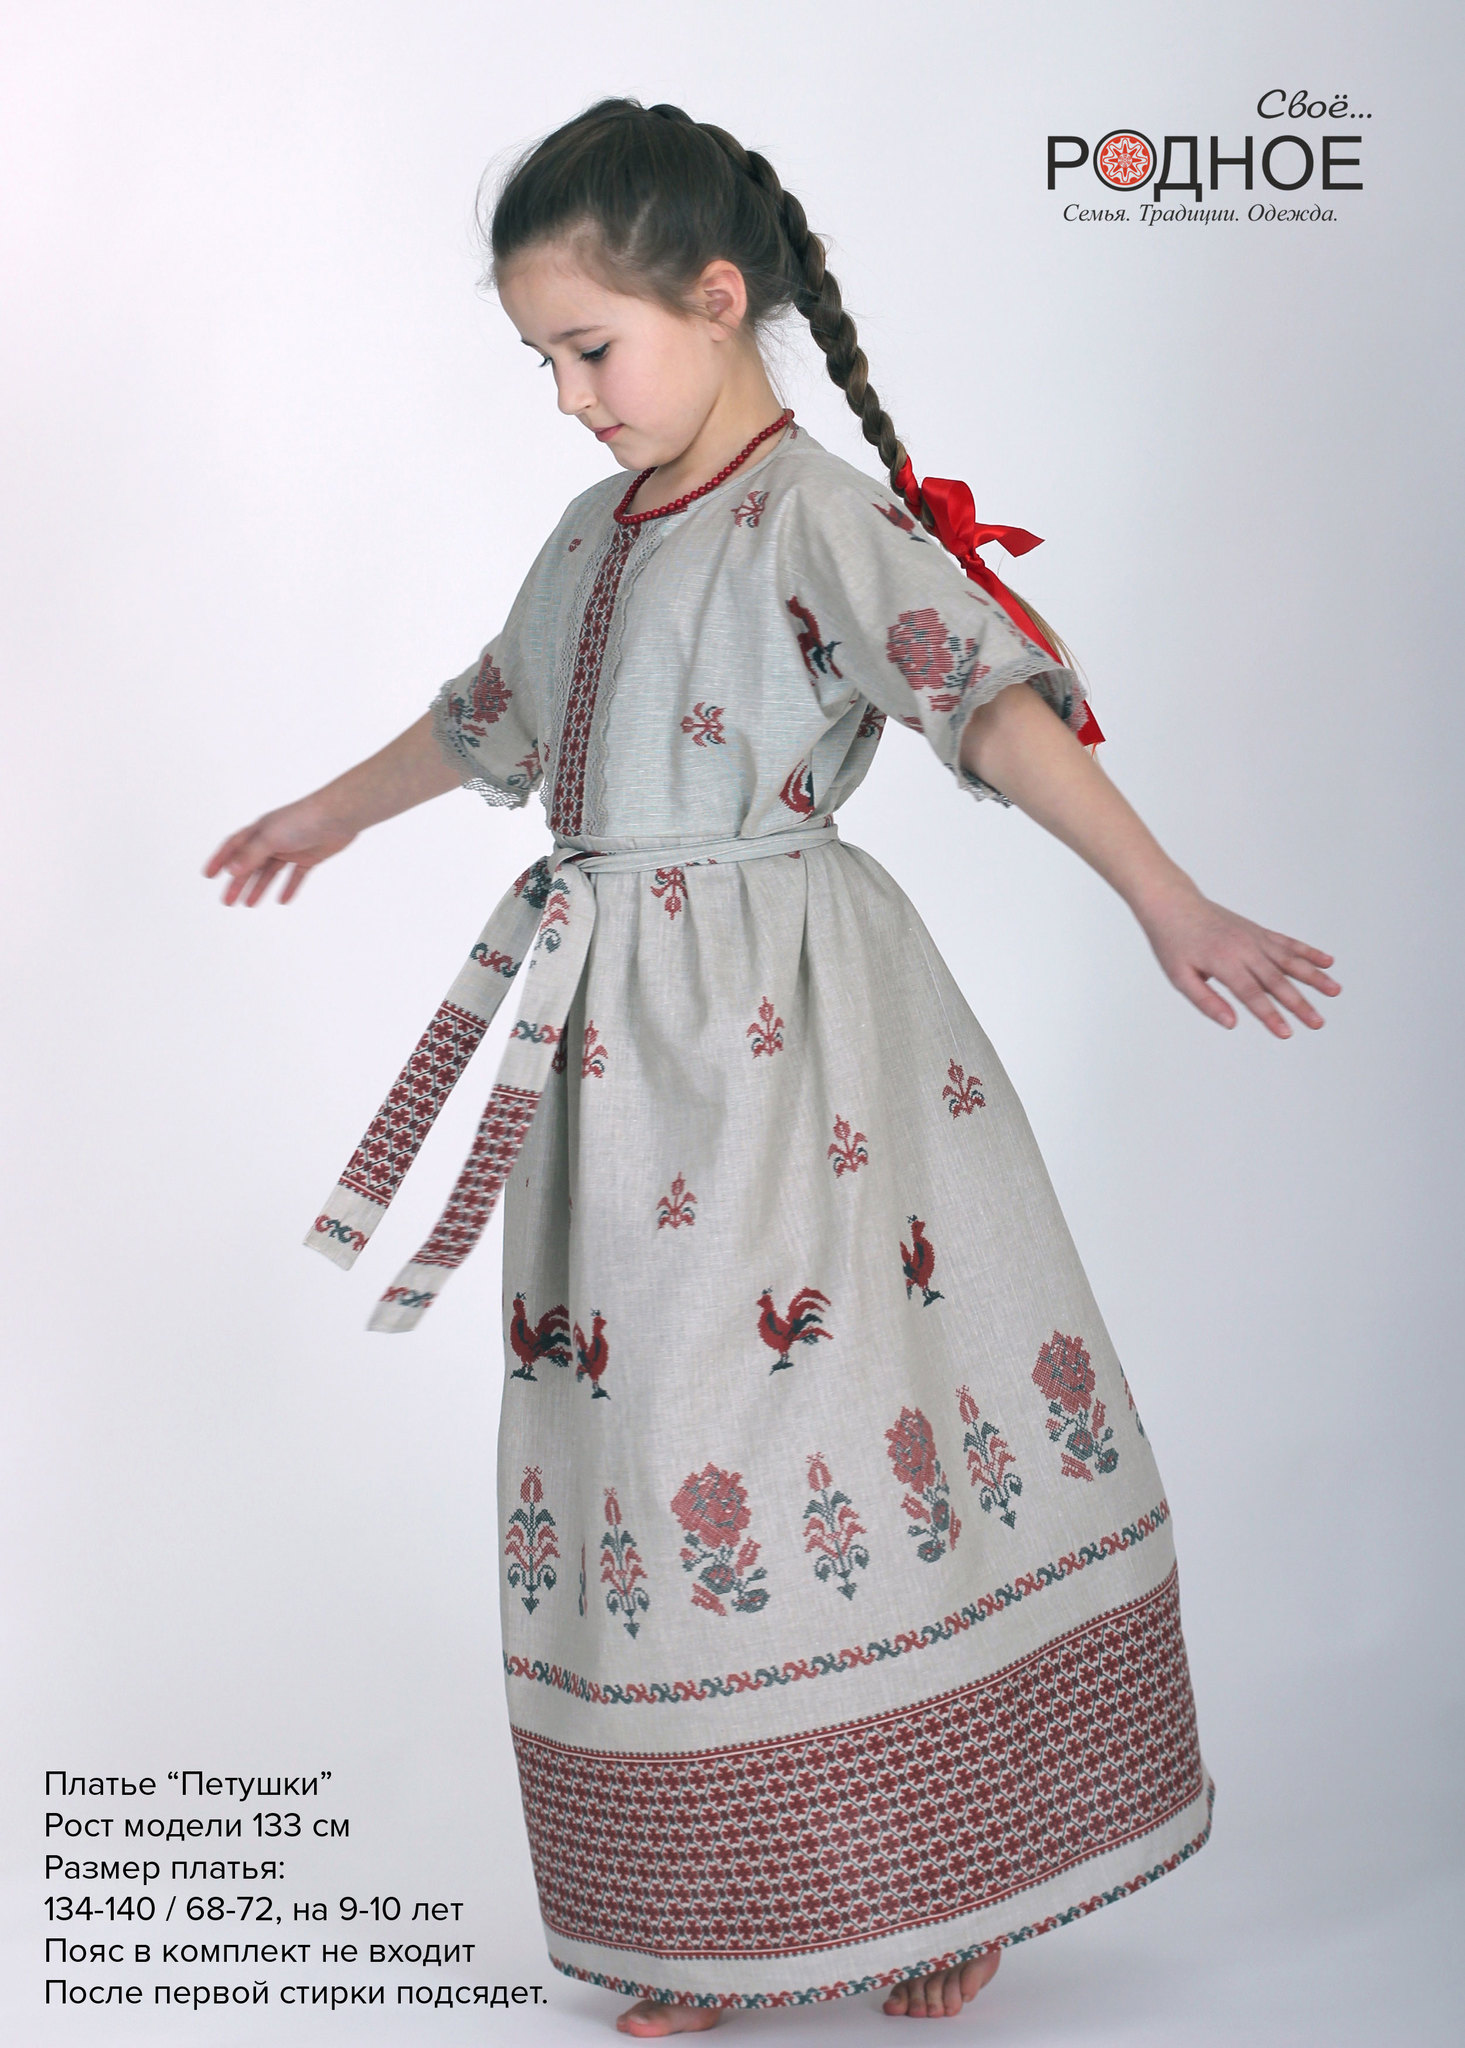 Платье обережного кроя